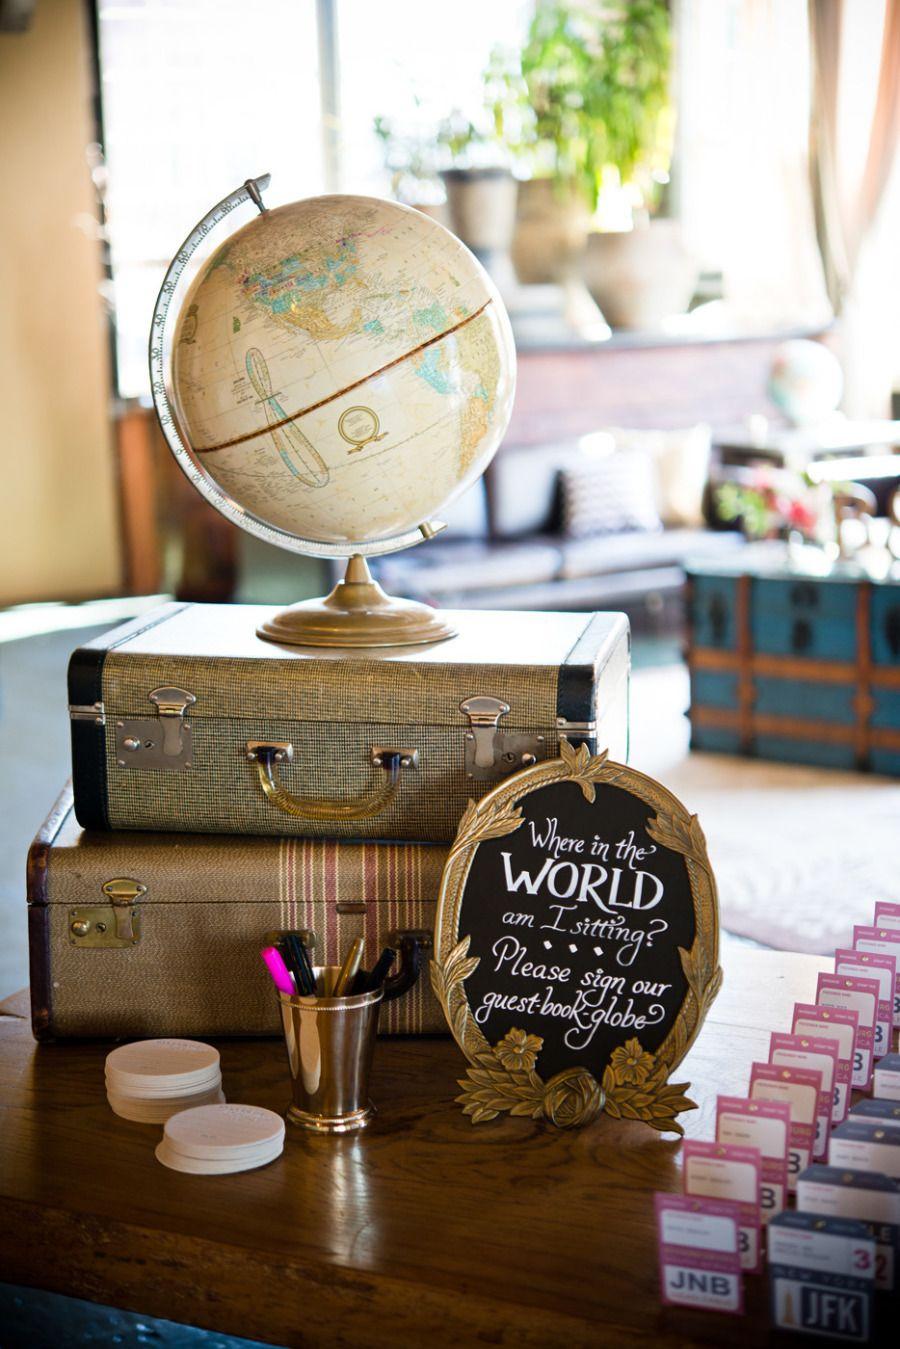 Alternative Guest Book Sign The Globe Travel Inspired Diy Wedding On Http Www Stylemeprett Travel Theme Wedding Wedding Guest Book Sign Globe Guest Books